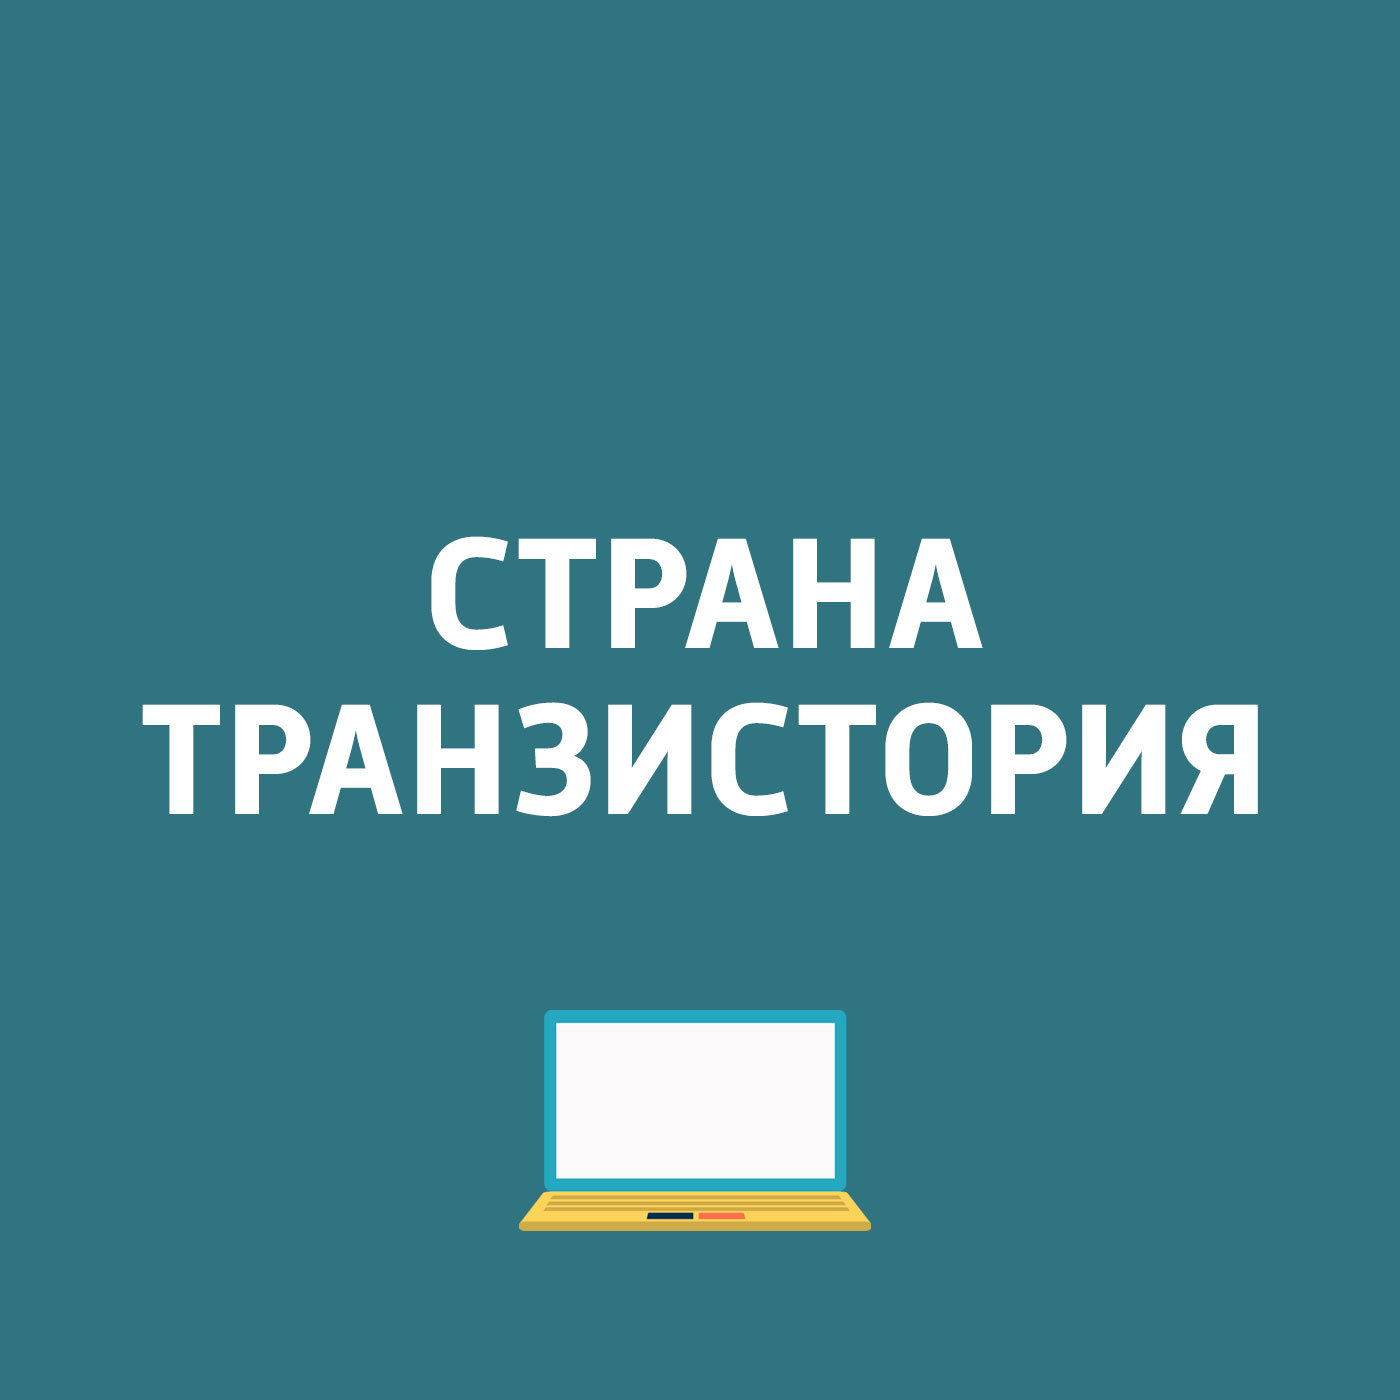 Картаев Павел Начало продаж Vivo V7 и Vivo V7+; Apple купила Shazam; «Тайный Санта «ВКонтакте; Обновление для для Quake Champions смартфон archos diamond alpha plus gold